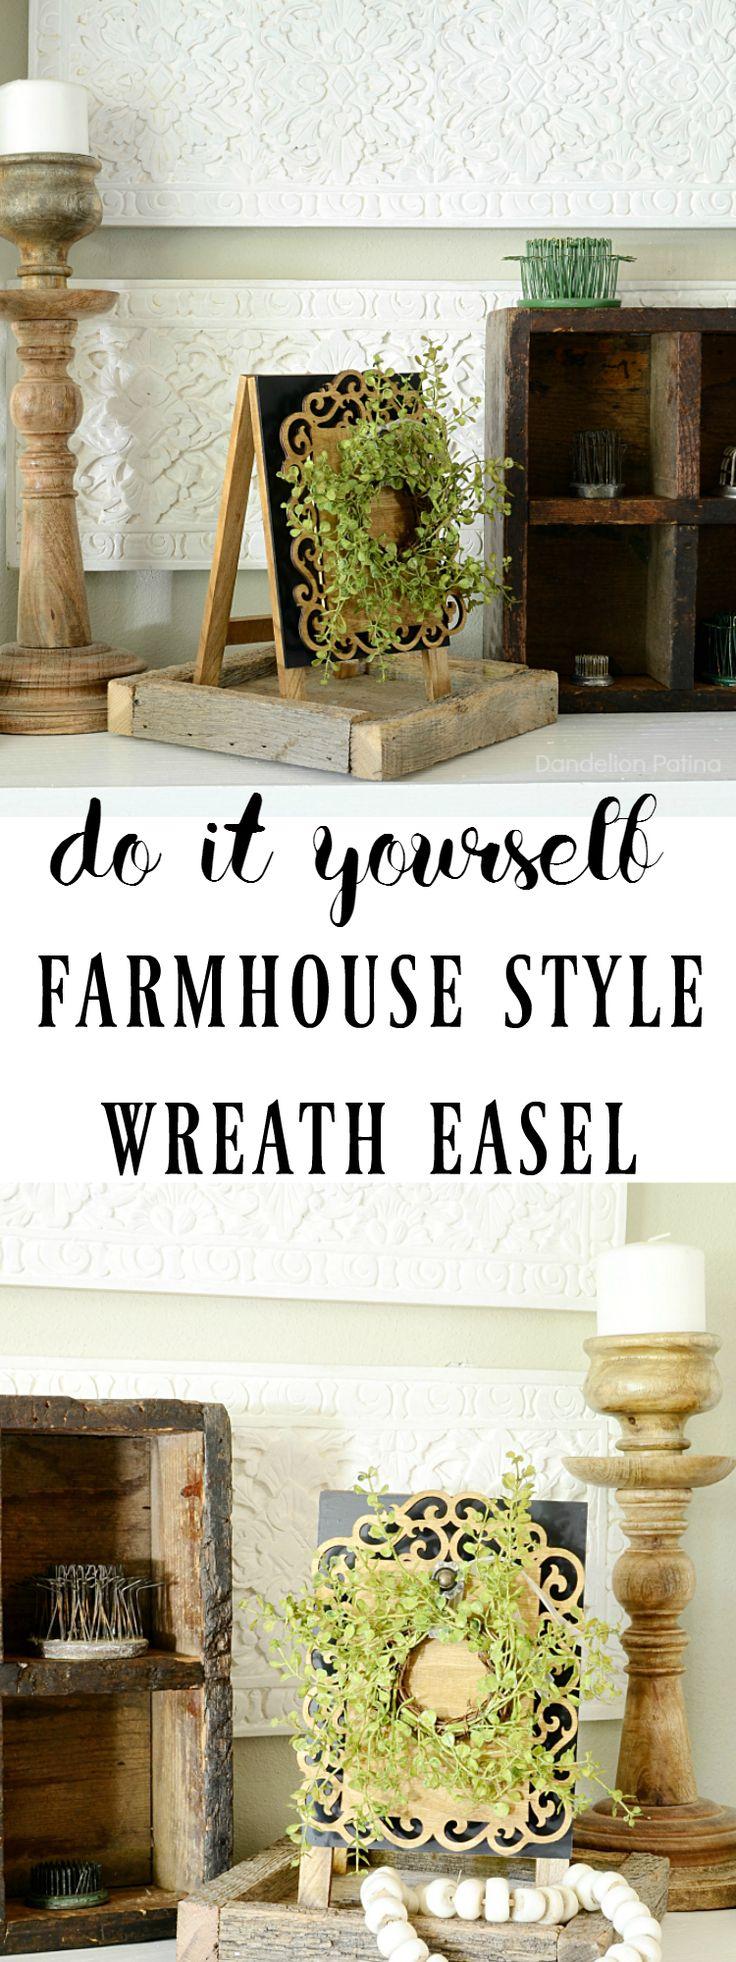 Farmhouse style wreath easel